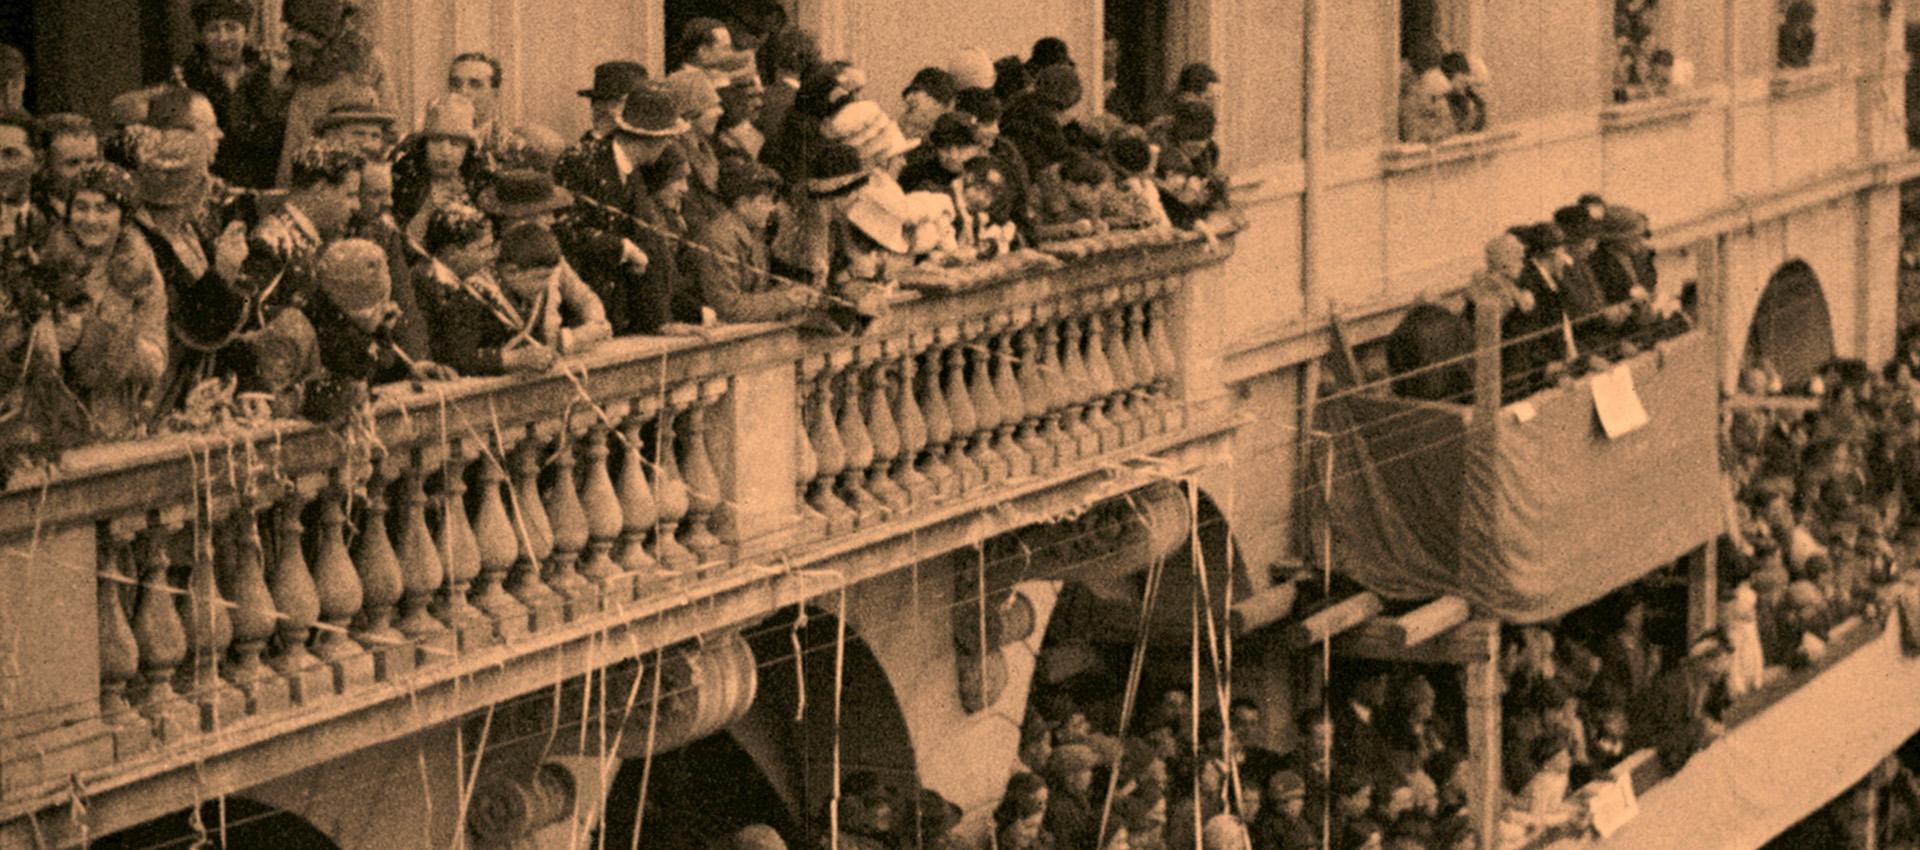 Carnevale a Persiceto, immagine dal filmato del 1928